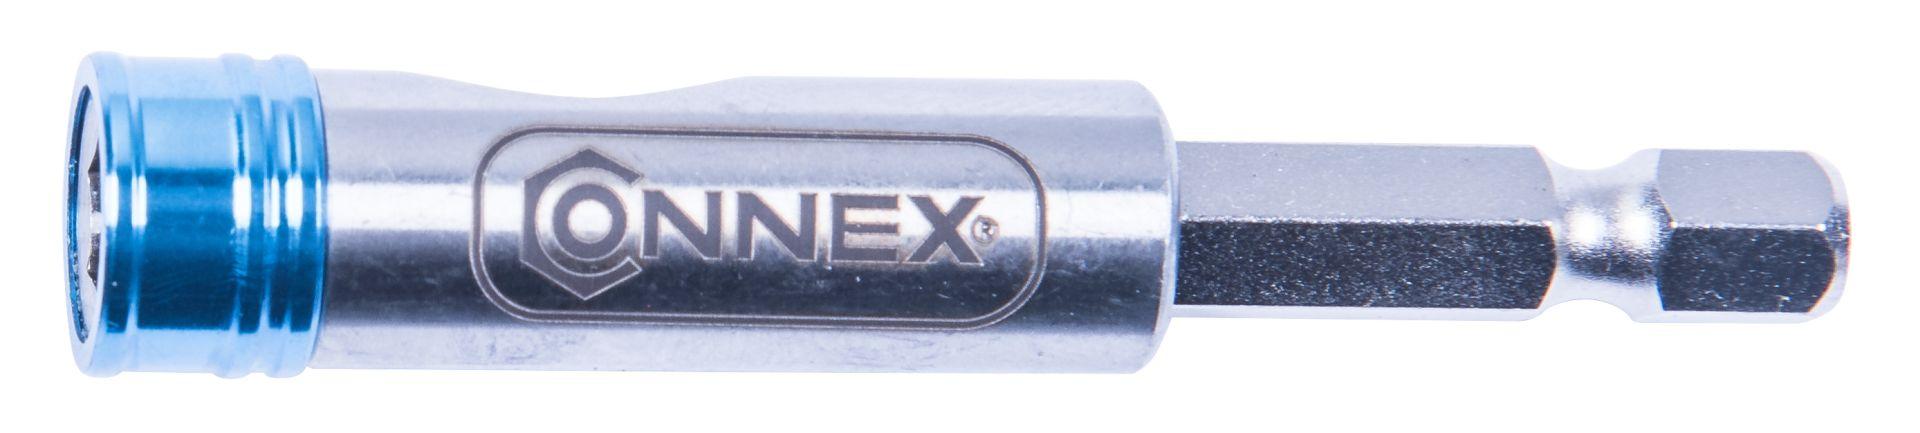 CONNEX Bithalter Profi, extrem schmale Ausführung